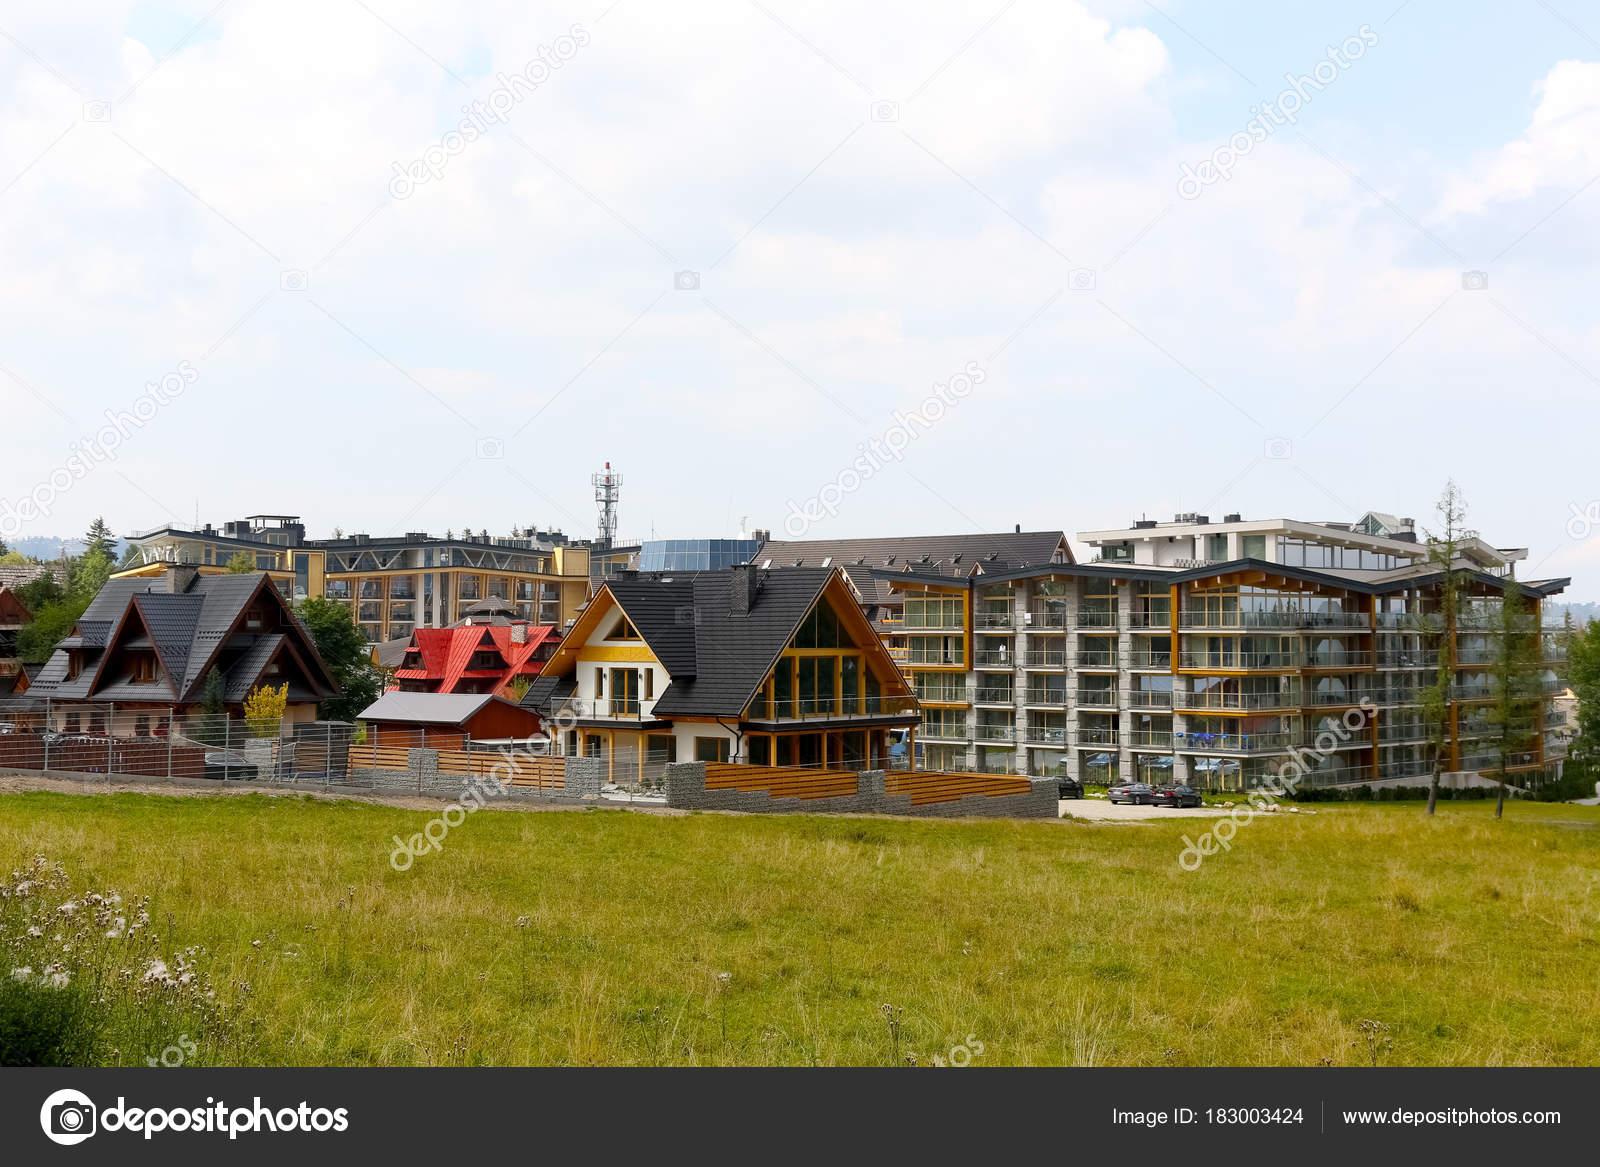 Große Gebäude und moderne Wohnhäuser — Redaktionelles Stockfoto ...